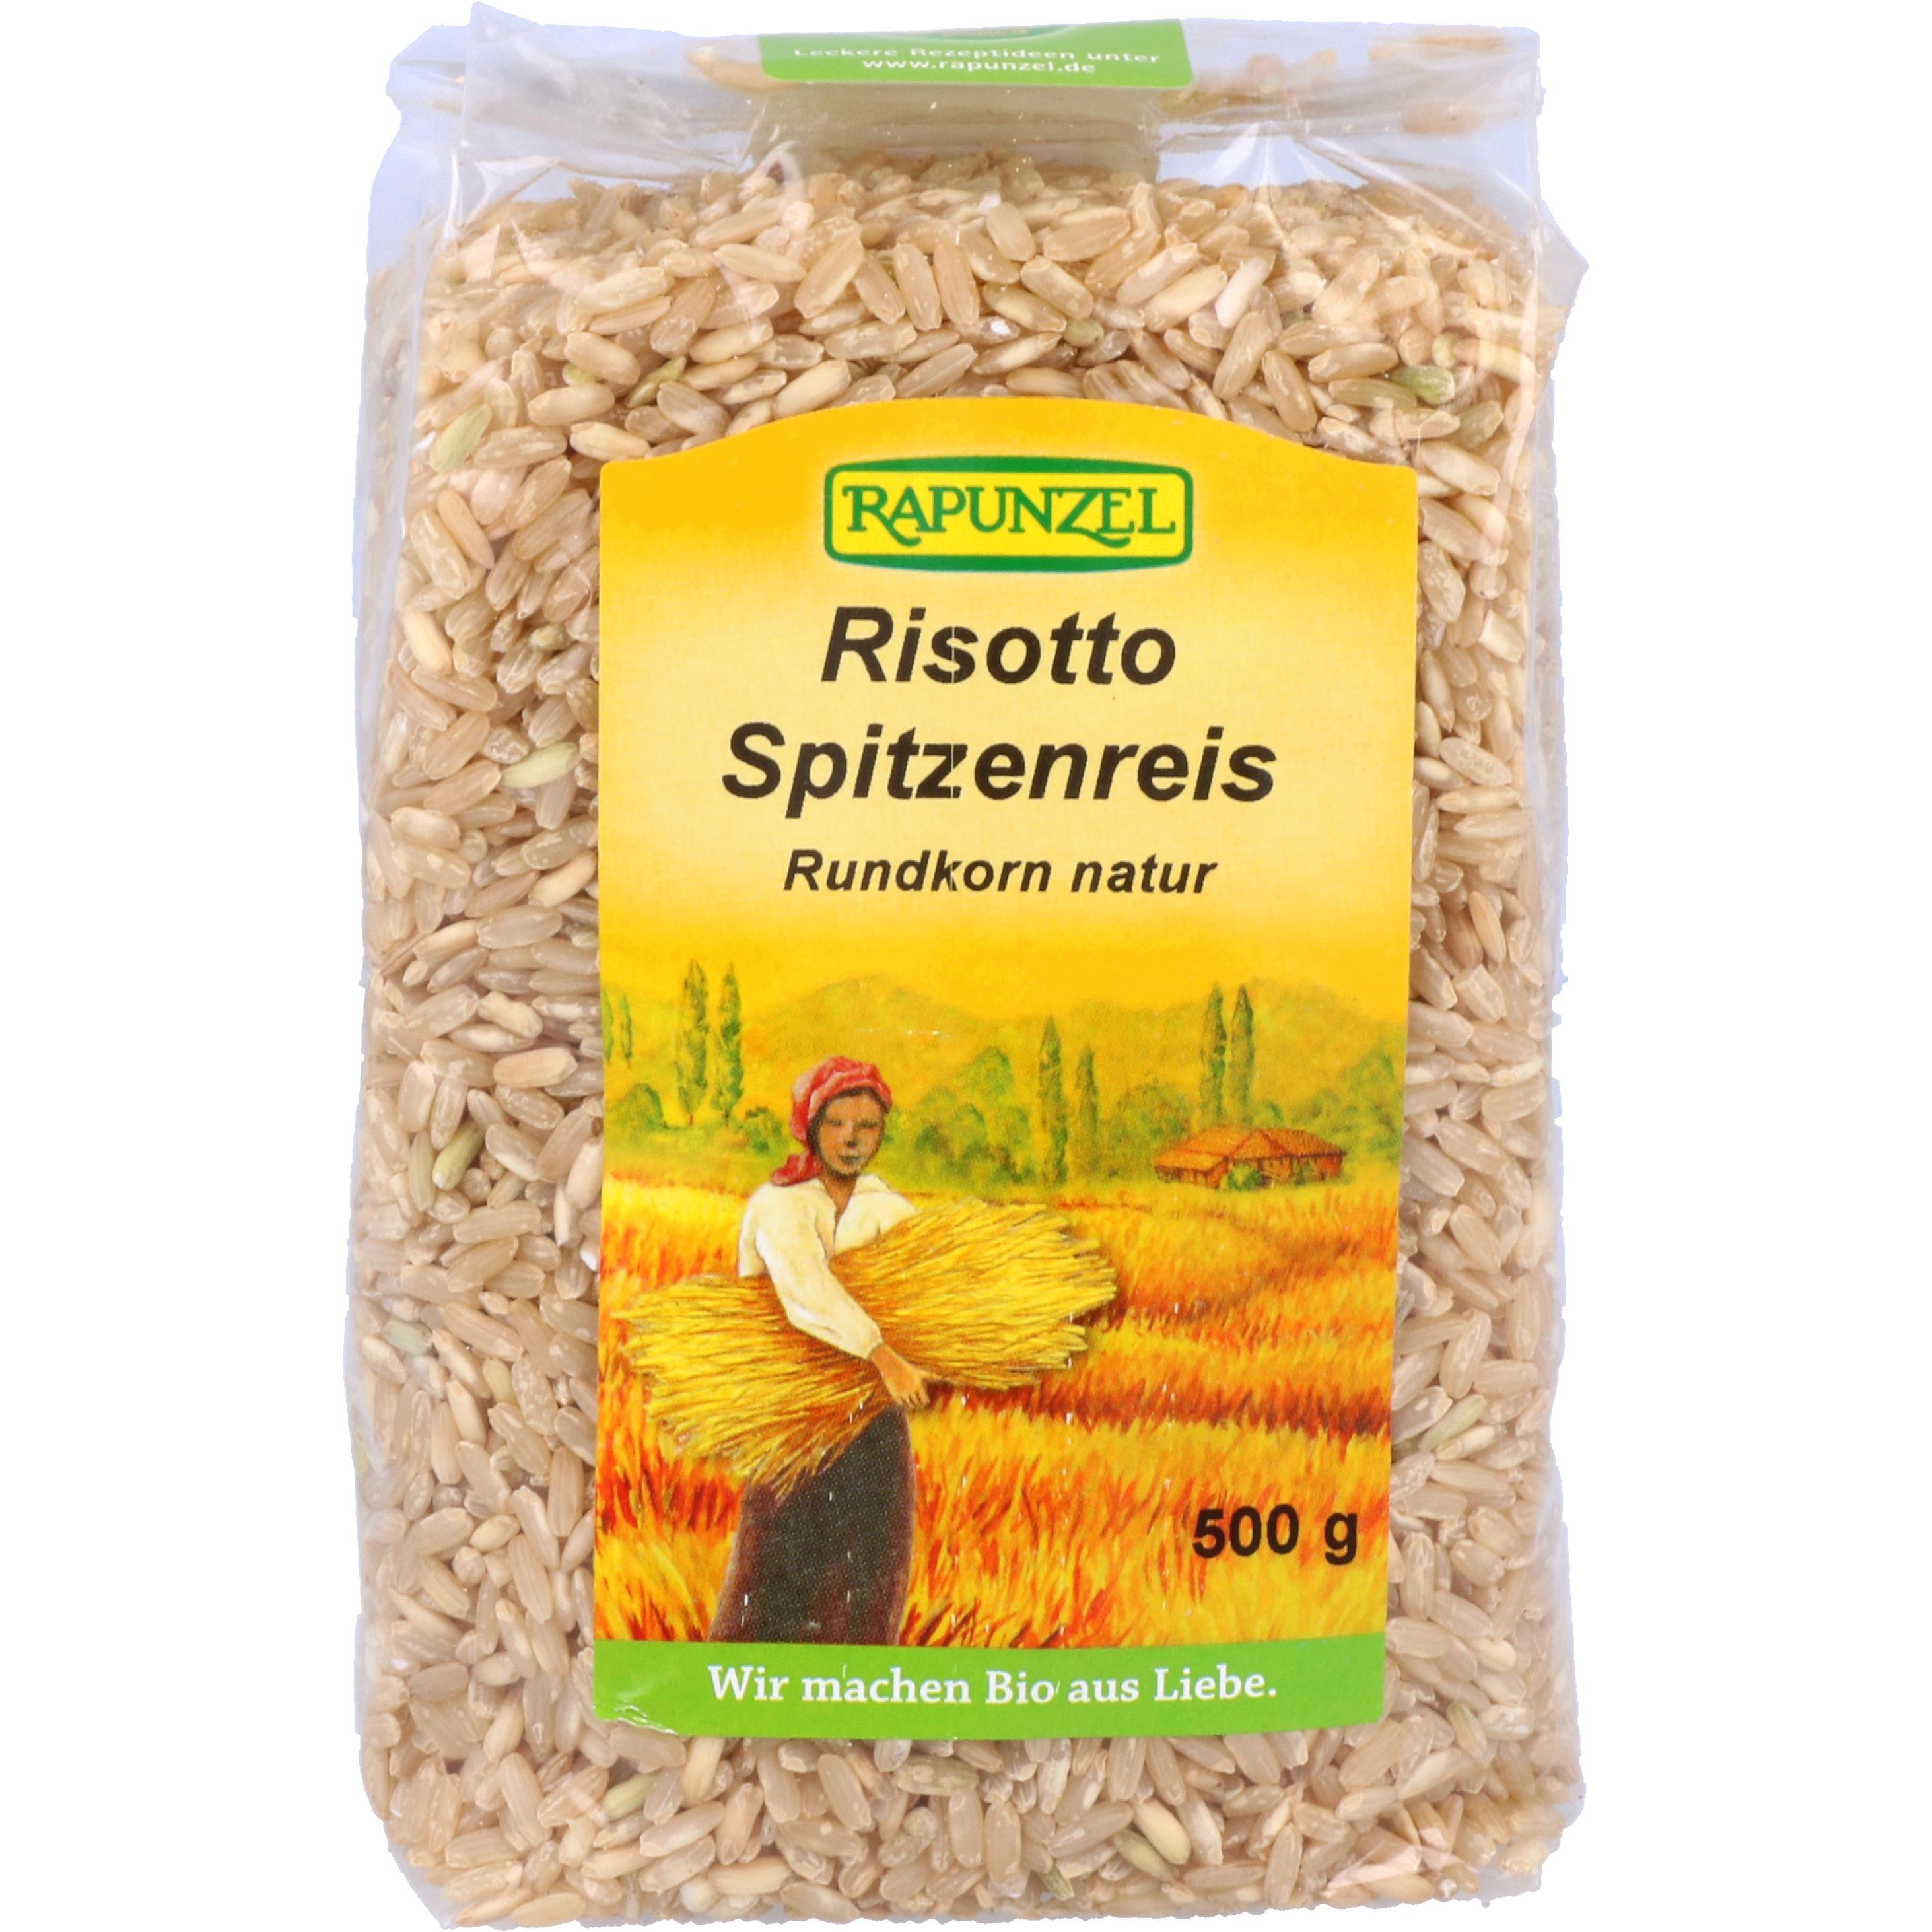 Rapunzel Bio Risotto mit Rundkornreis natur 500g